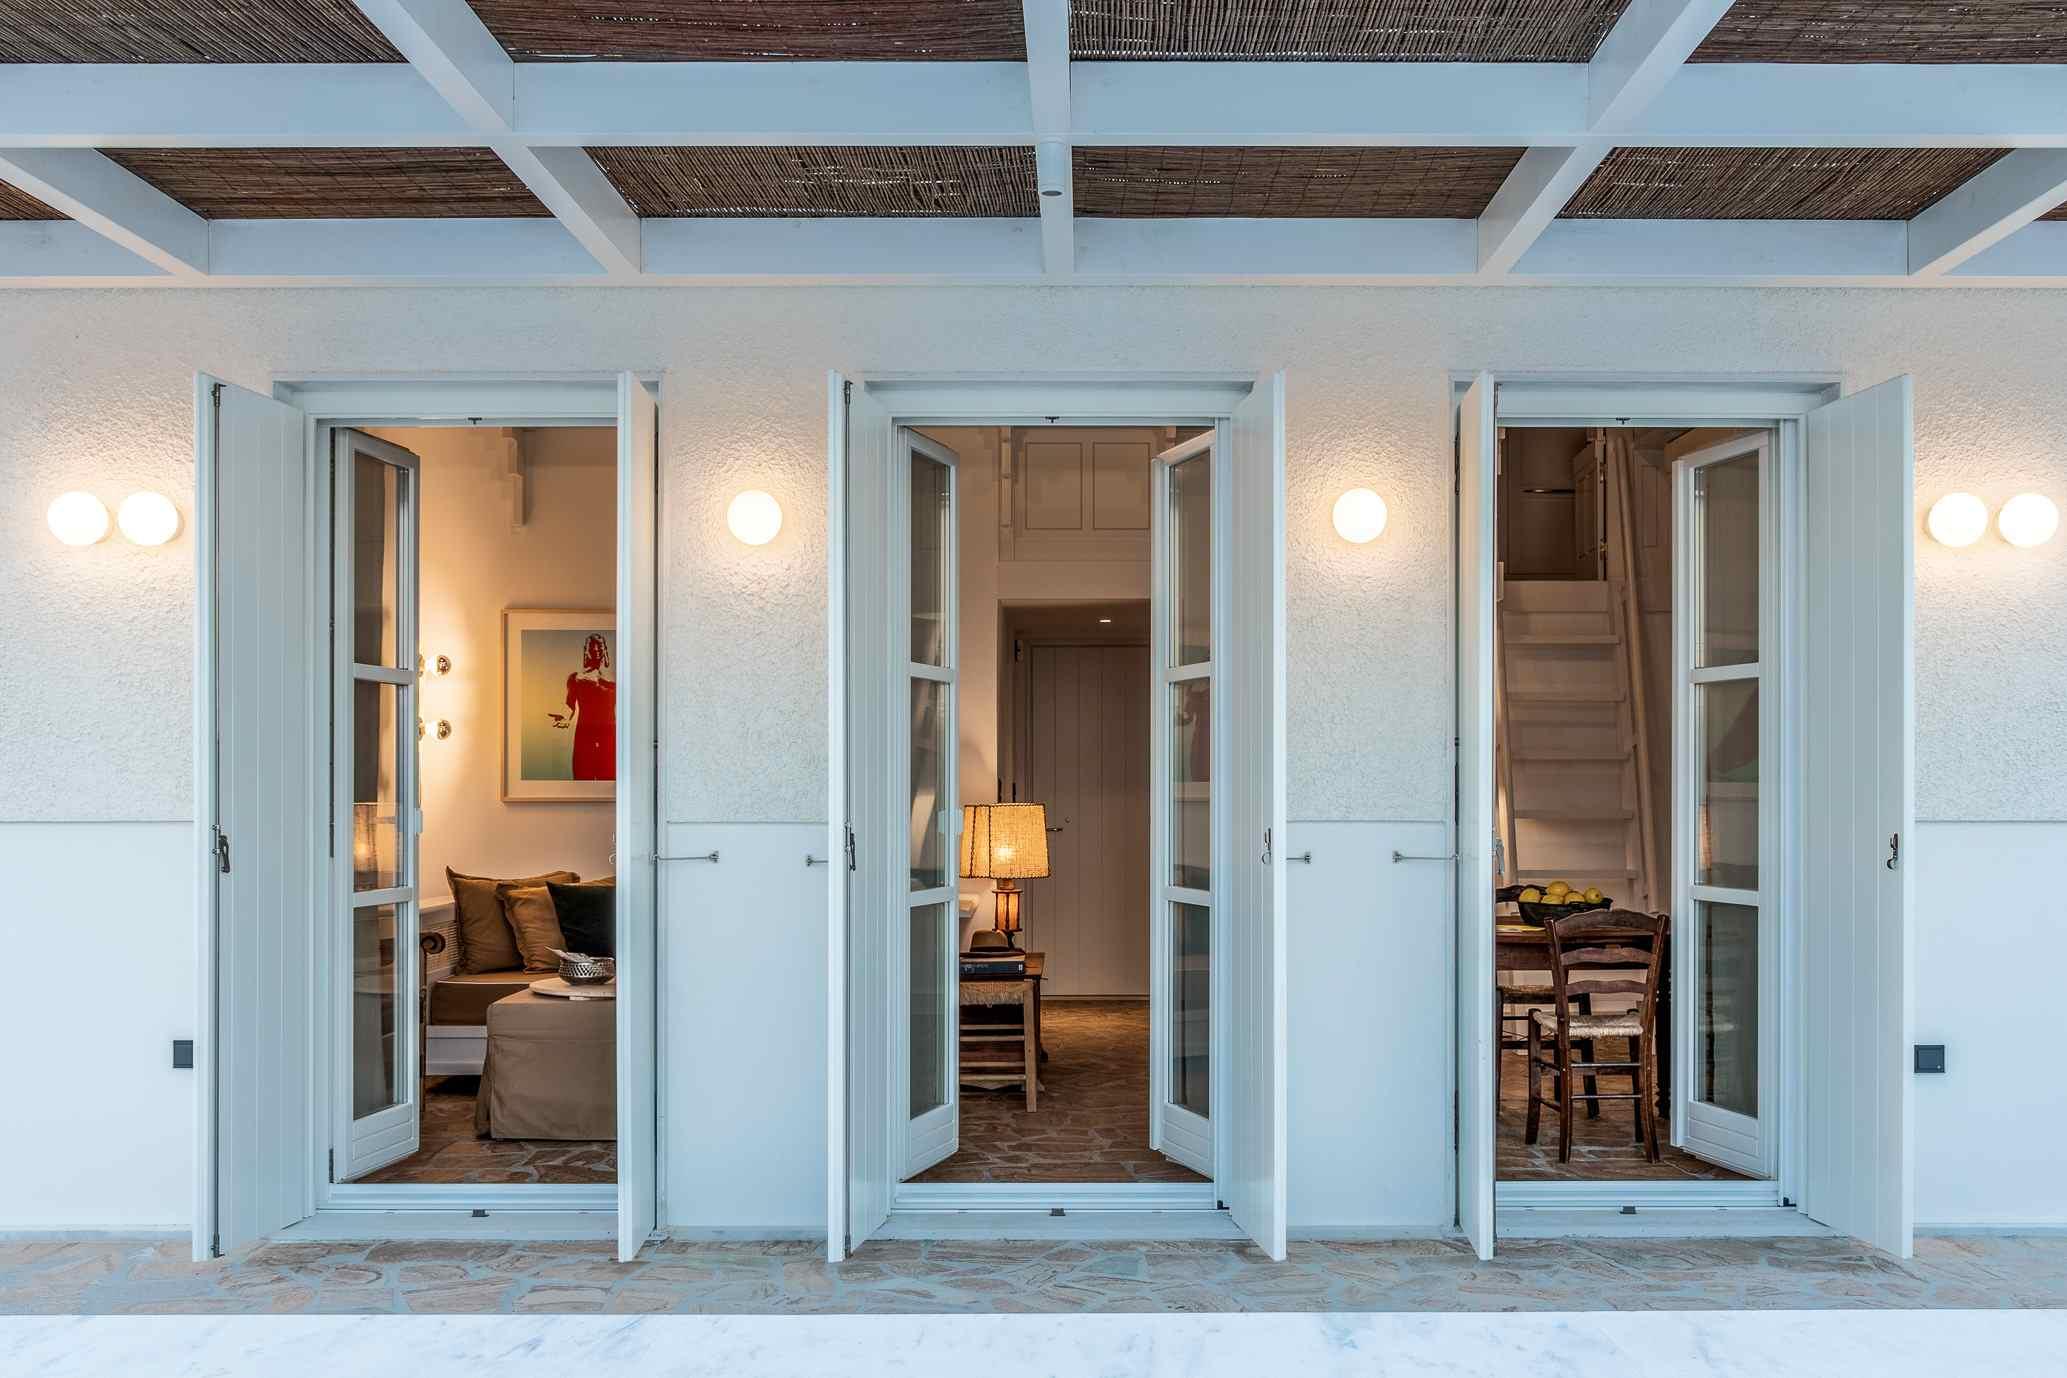 3-house-one-20180921-Stefanos-Samios-2598-HDR-E